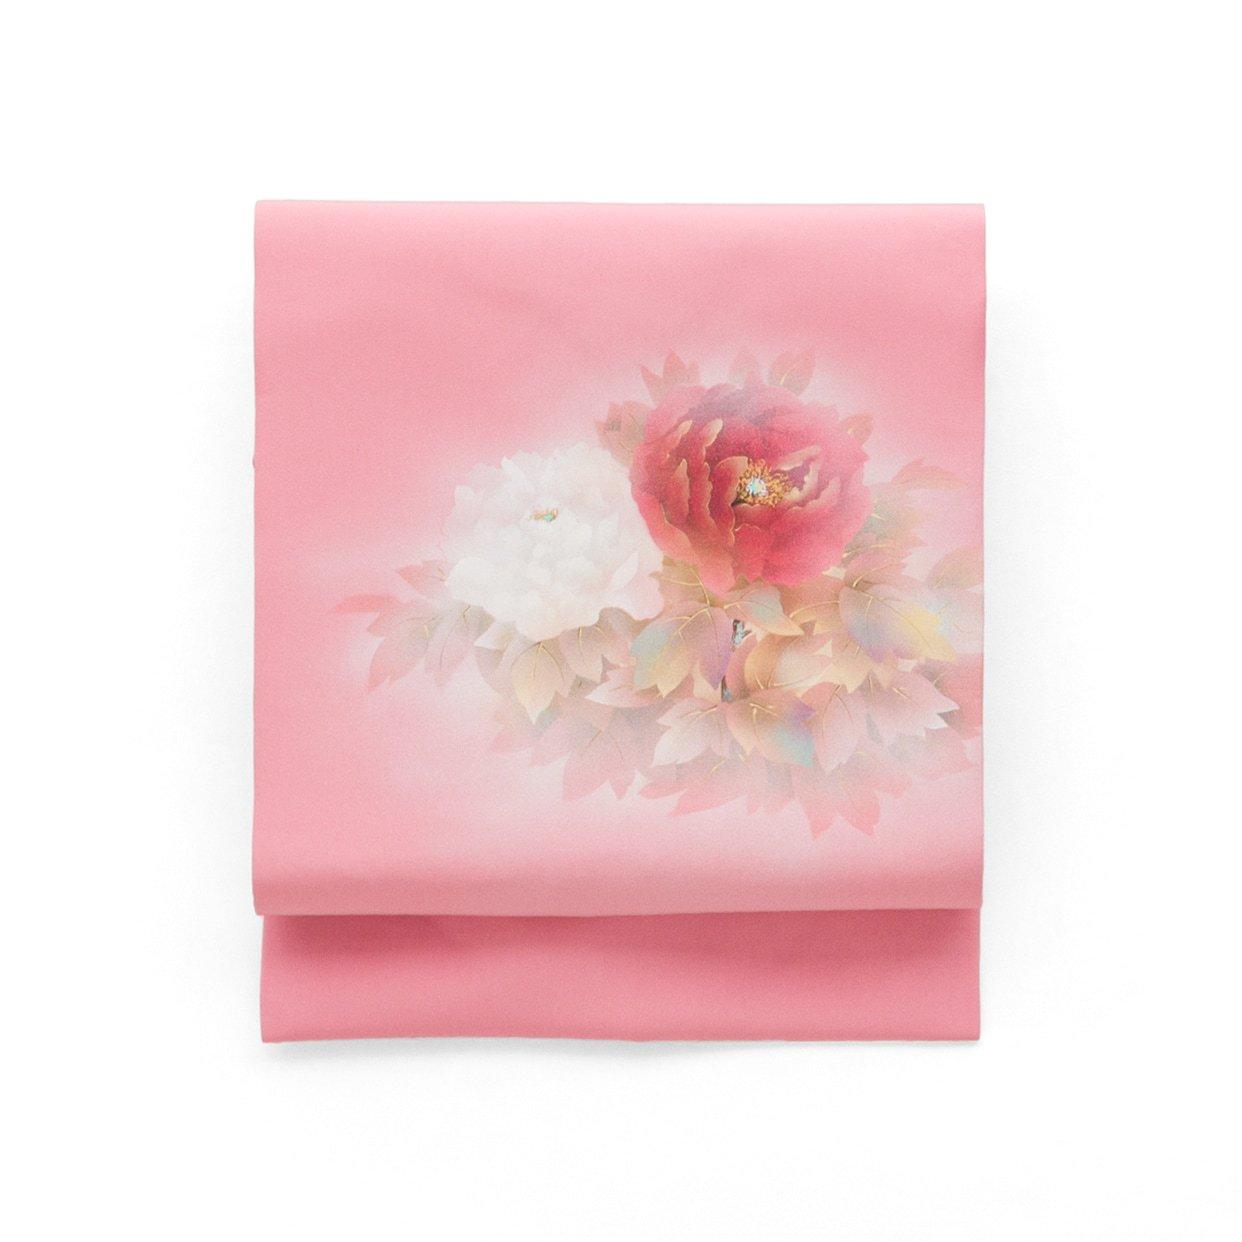 「白と赤の大輪牡丹」の商品画像